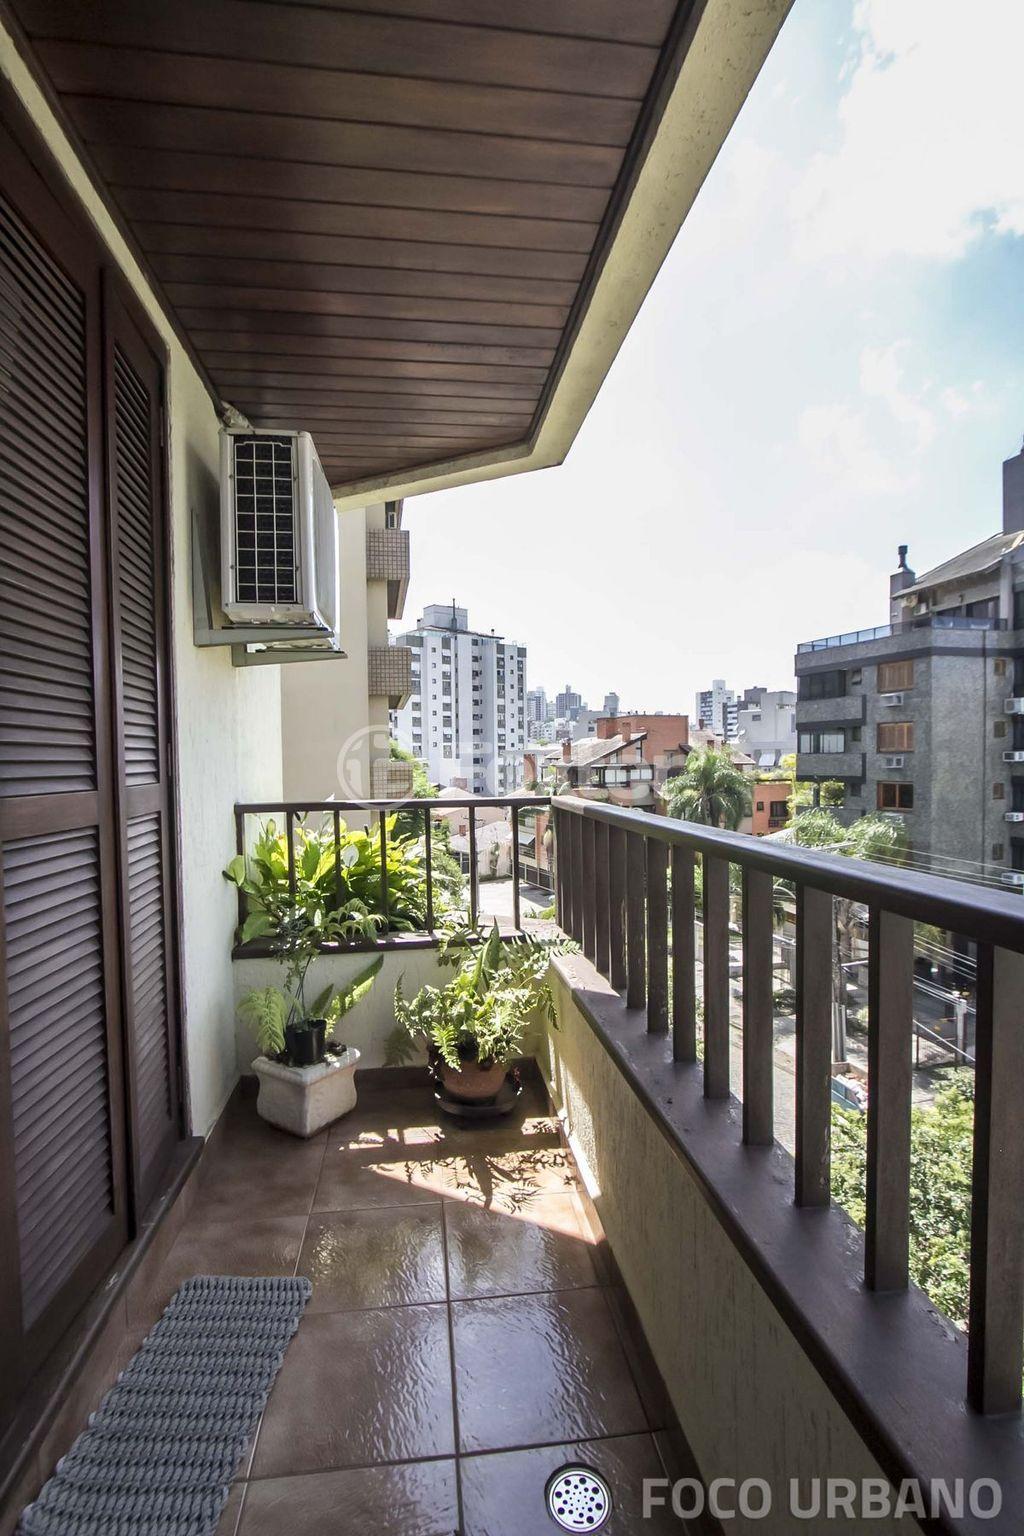 Residenza - Cobertura 2 Dorm, Bela Vista, Porto Alegre (185) - Foto 11